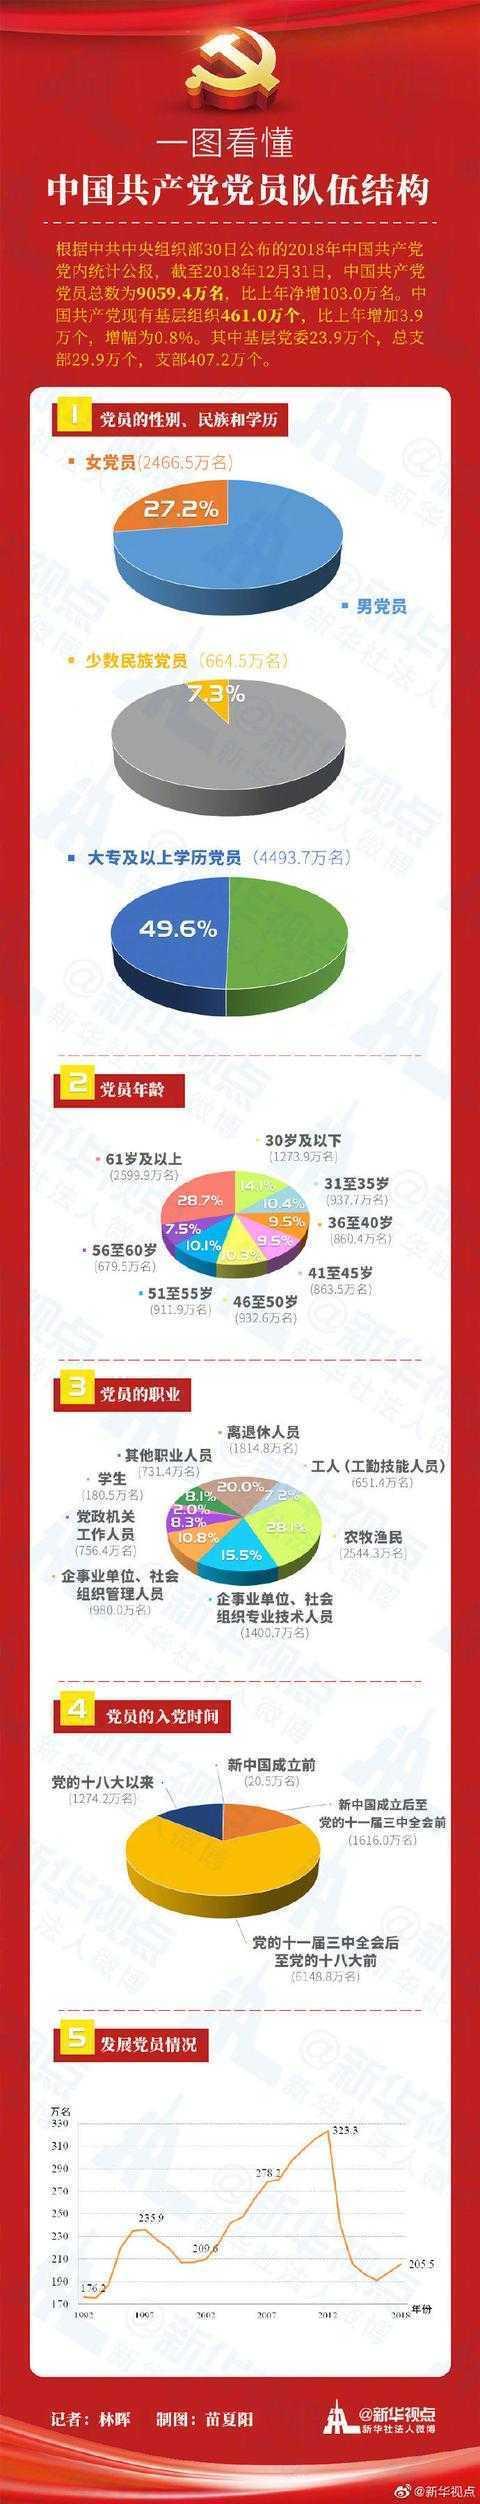 中国共产党党员总量突破9000万,一图看懂队伍结构